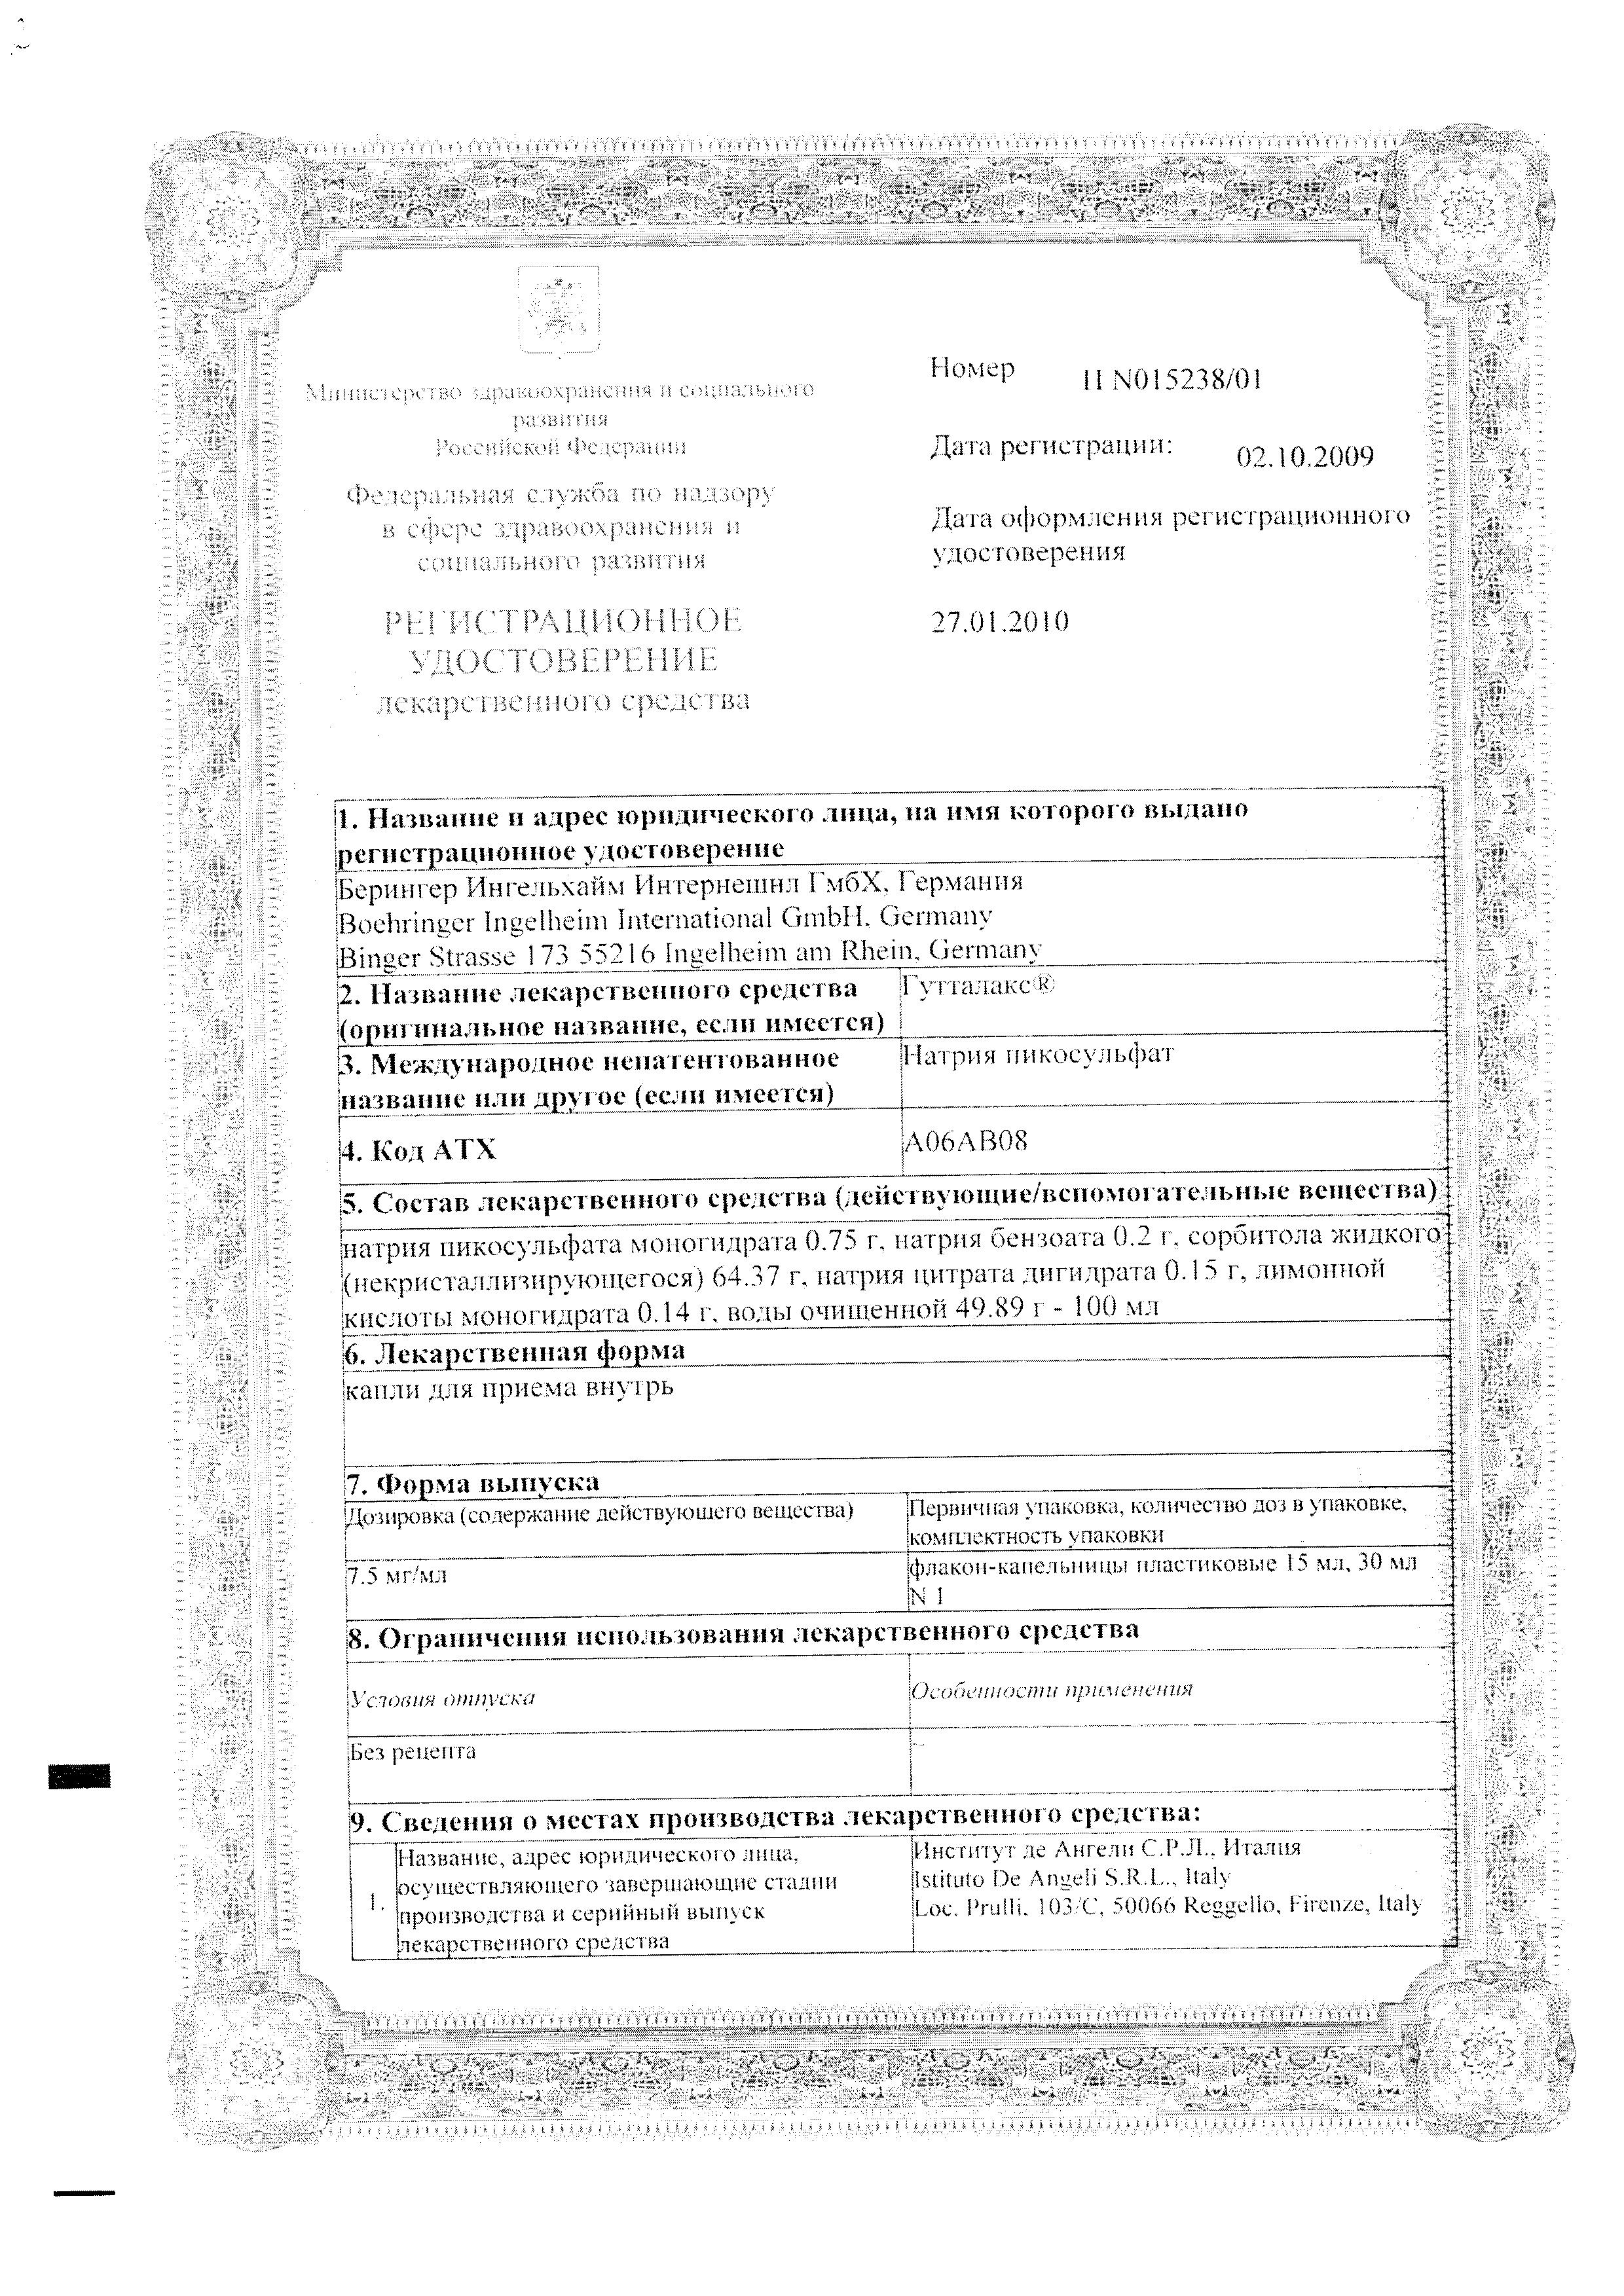 Гутталакс сертификат